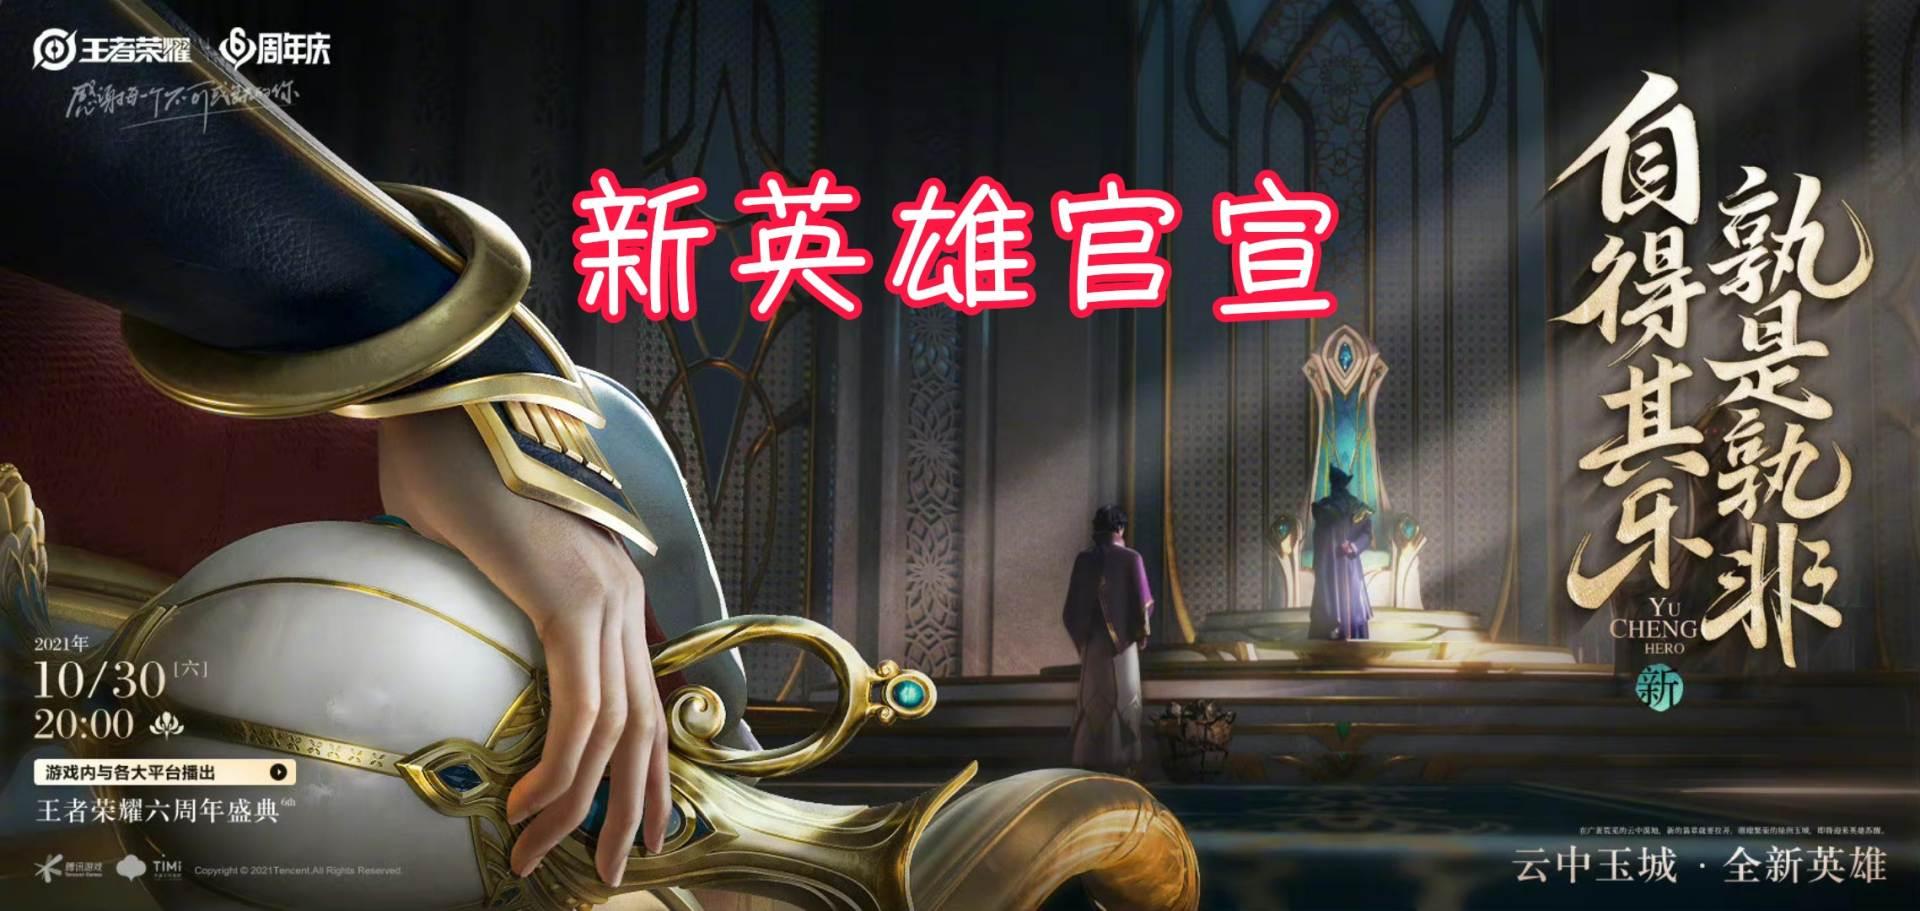 #金猫榜#王者新英雄首次公布,晟上线时间确认,李白塞年皮肤要来了